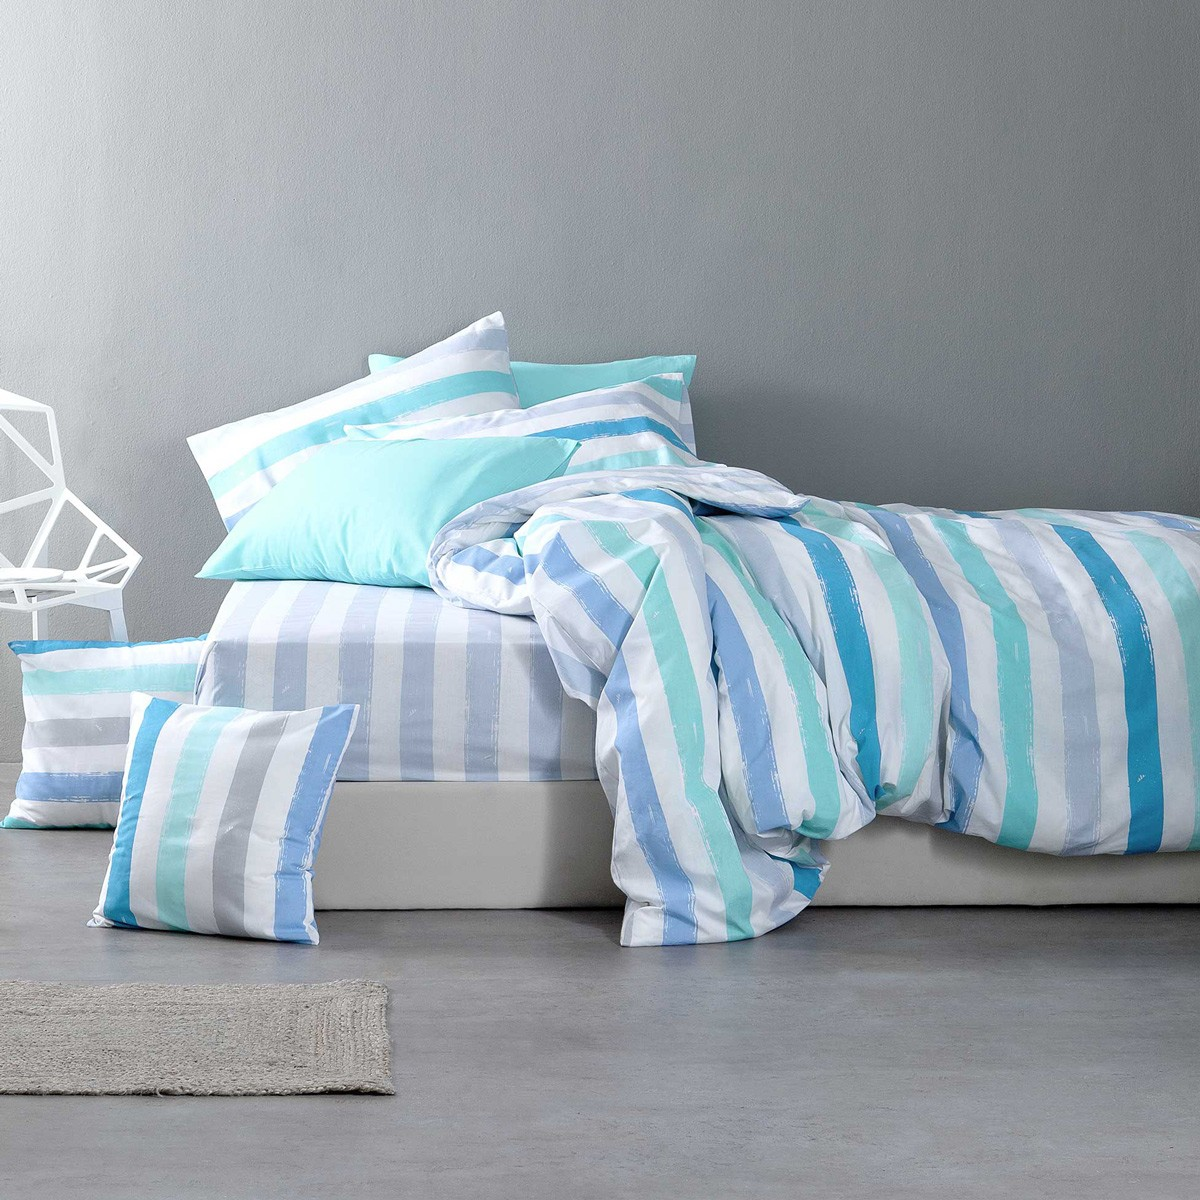 Κουβερλί Υπέρδιπλο Nima Bed Linen Cantieri Blue